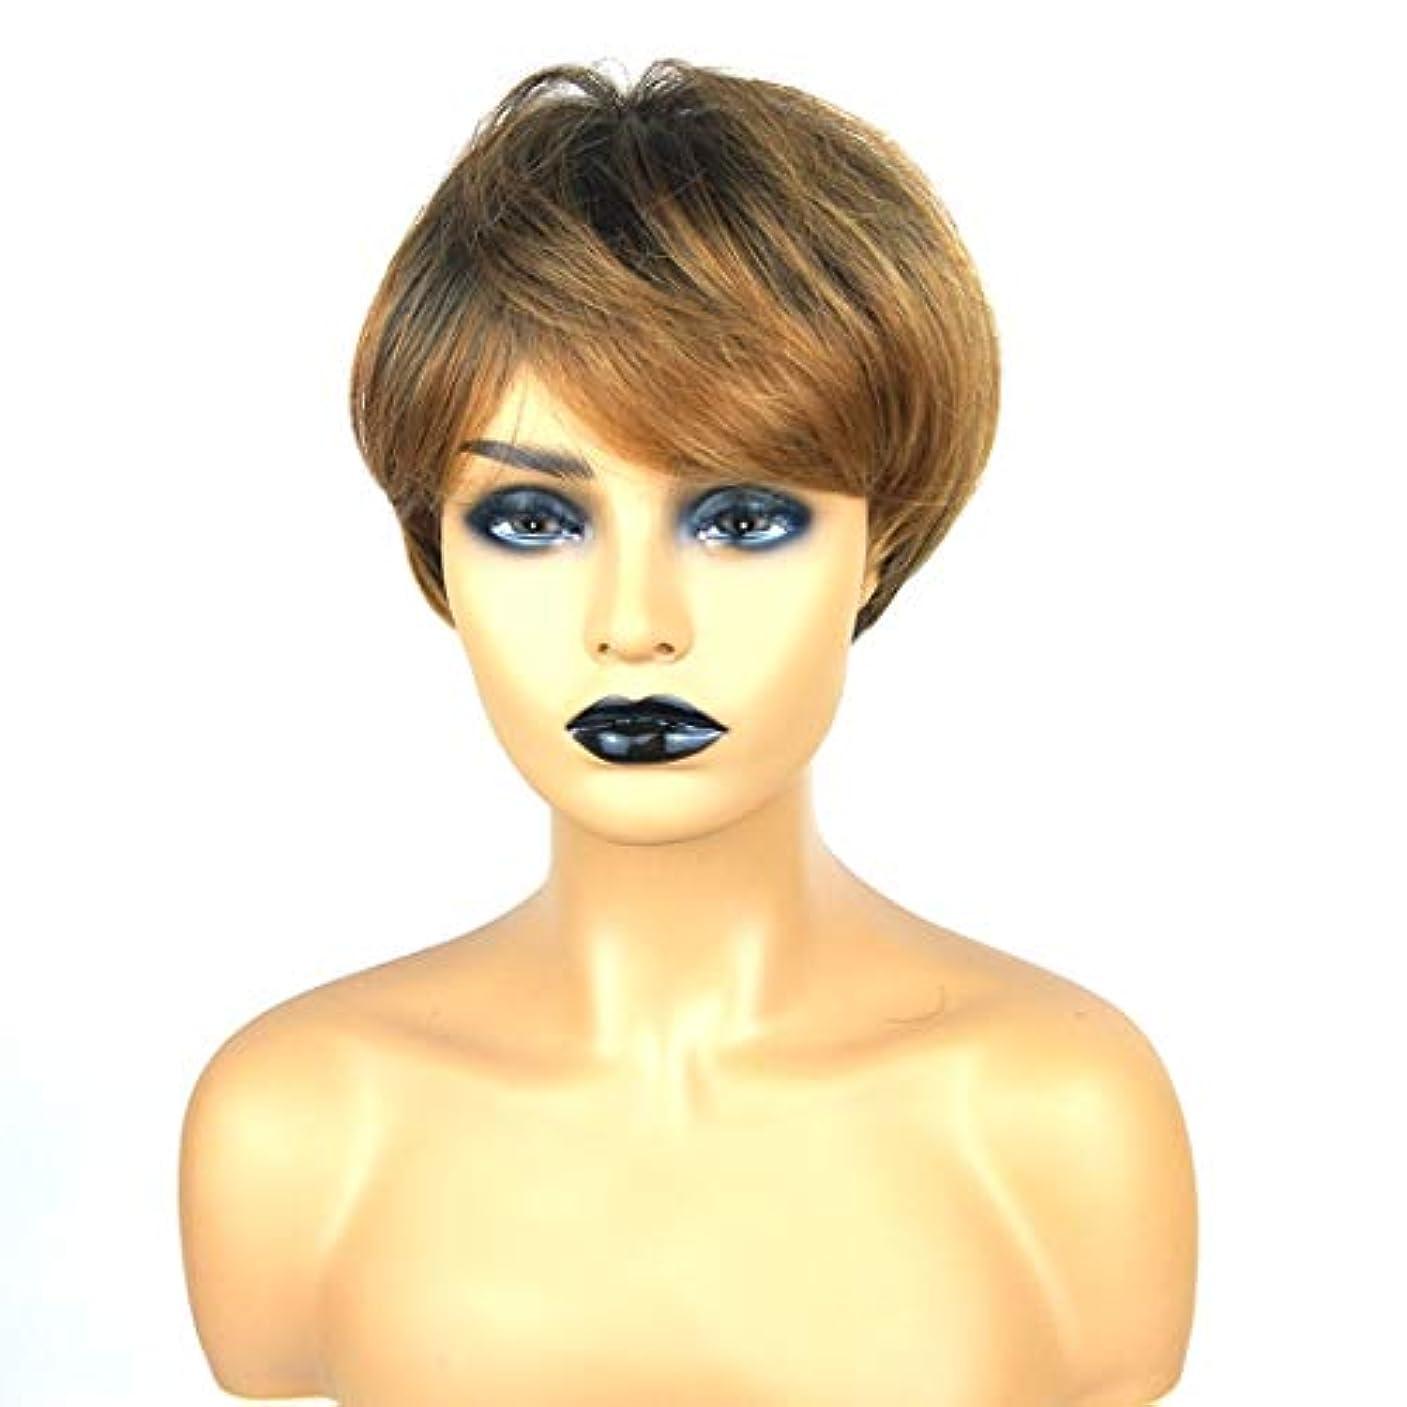 専制超えて浮浪者JOYS CLOTHING ショートボブの髪の毛のかつら本物の髪として自然な女性のための合成かつらとストレートウィッグ